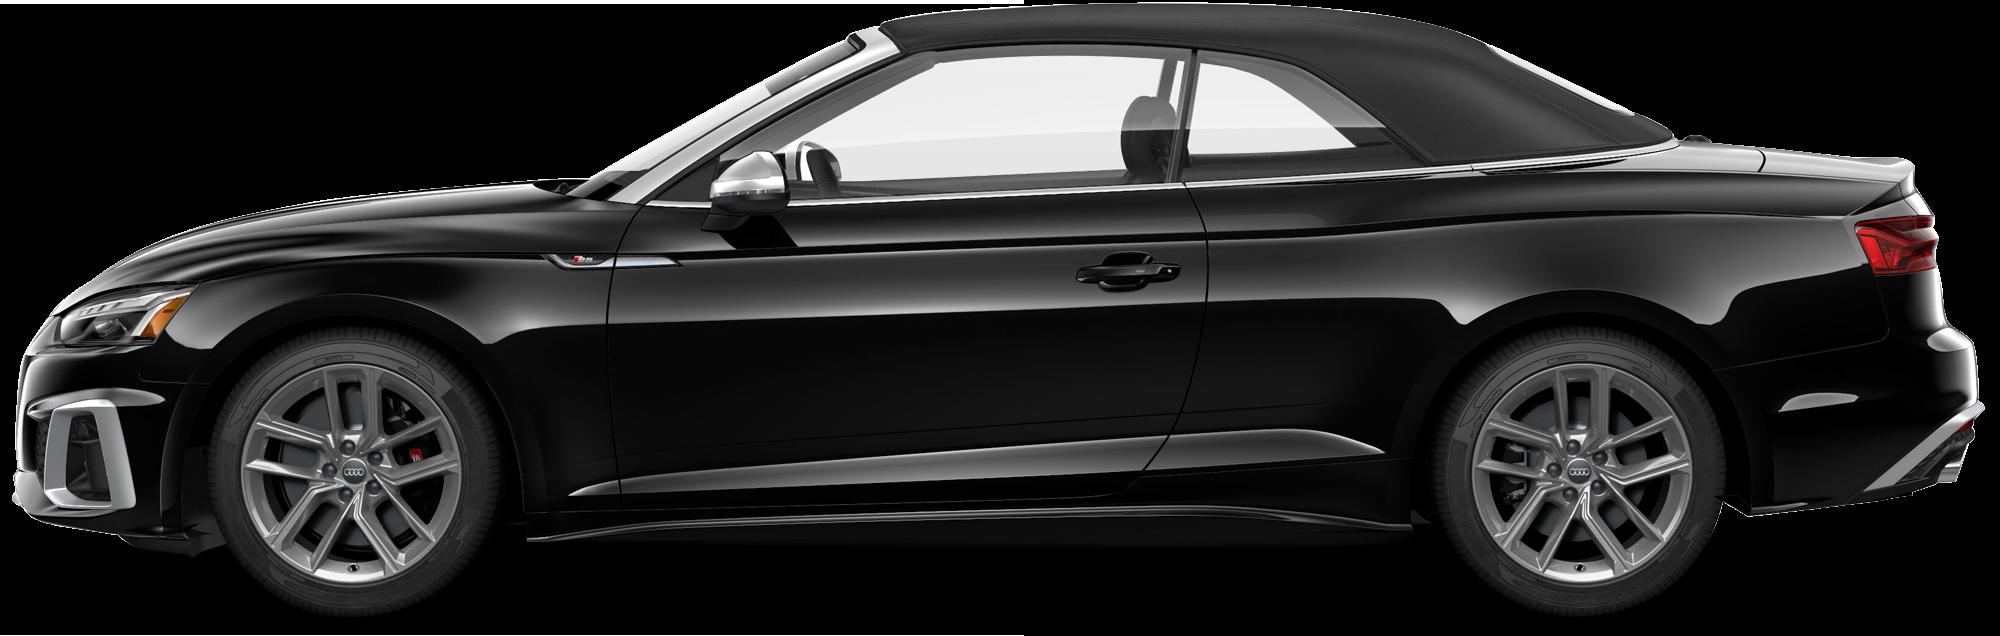 2021 Audi S5 Cabriolet 3.0T Premium